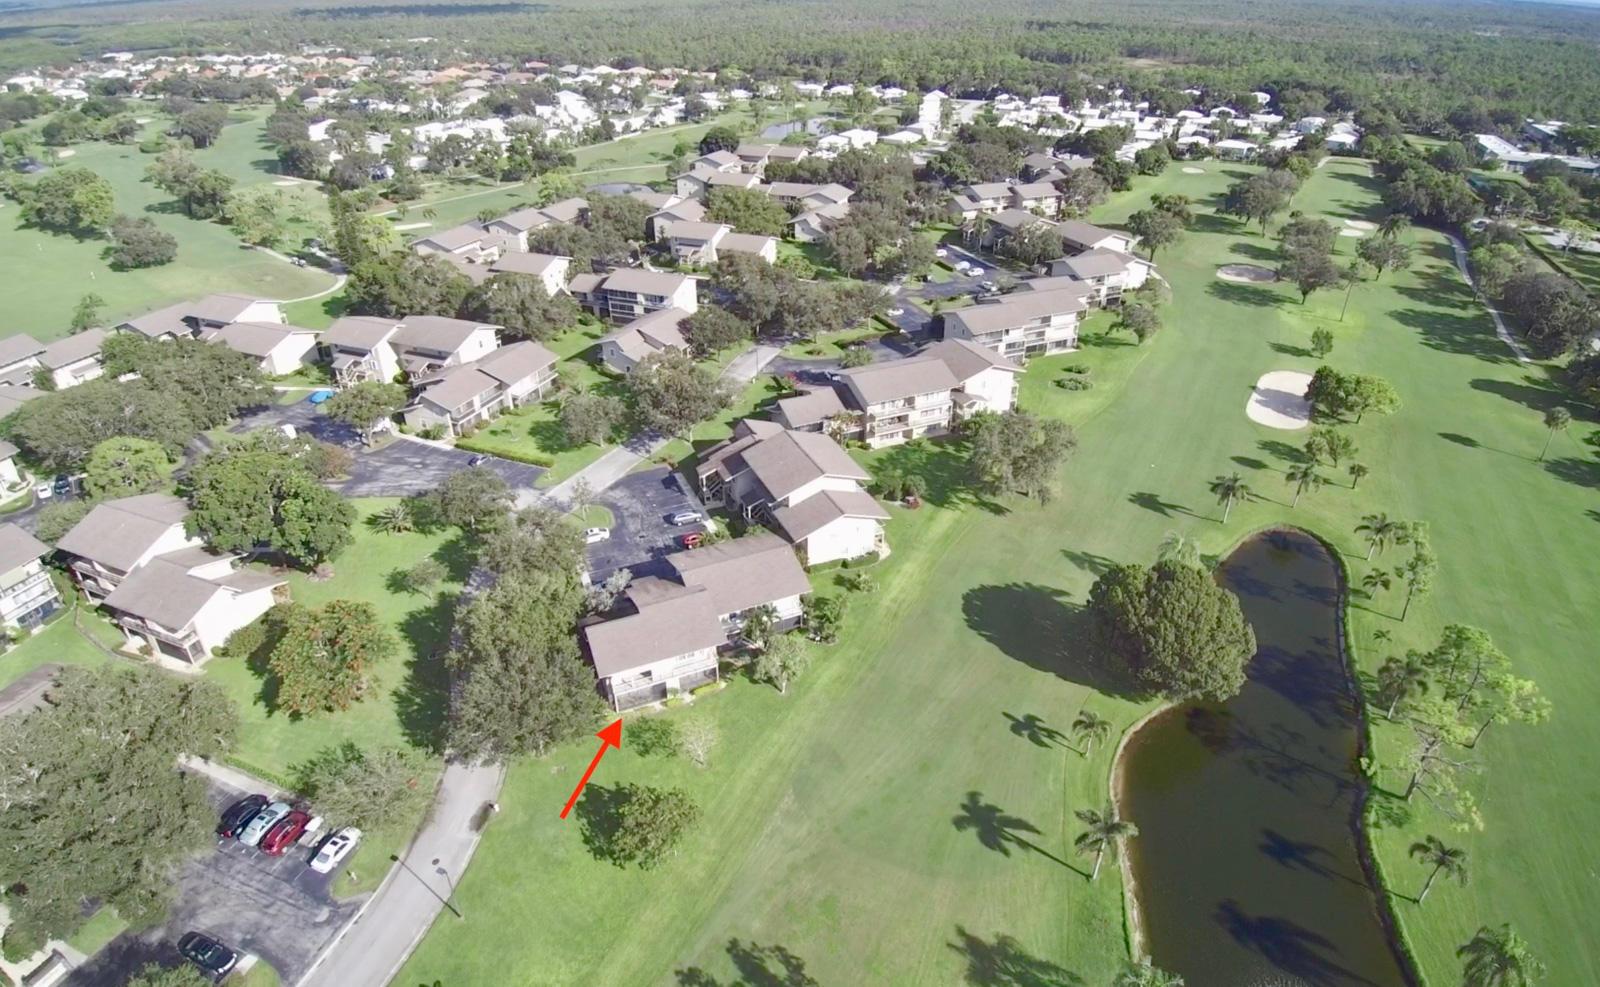 18489 SE Wood Haven Lane I  - Abacoa Homes - photo 22